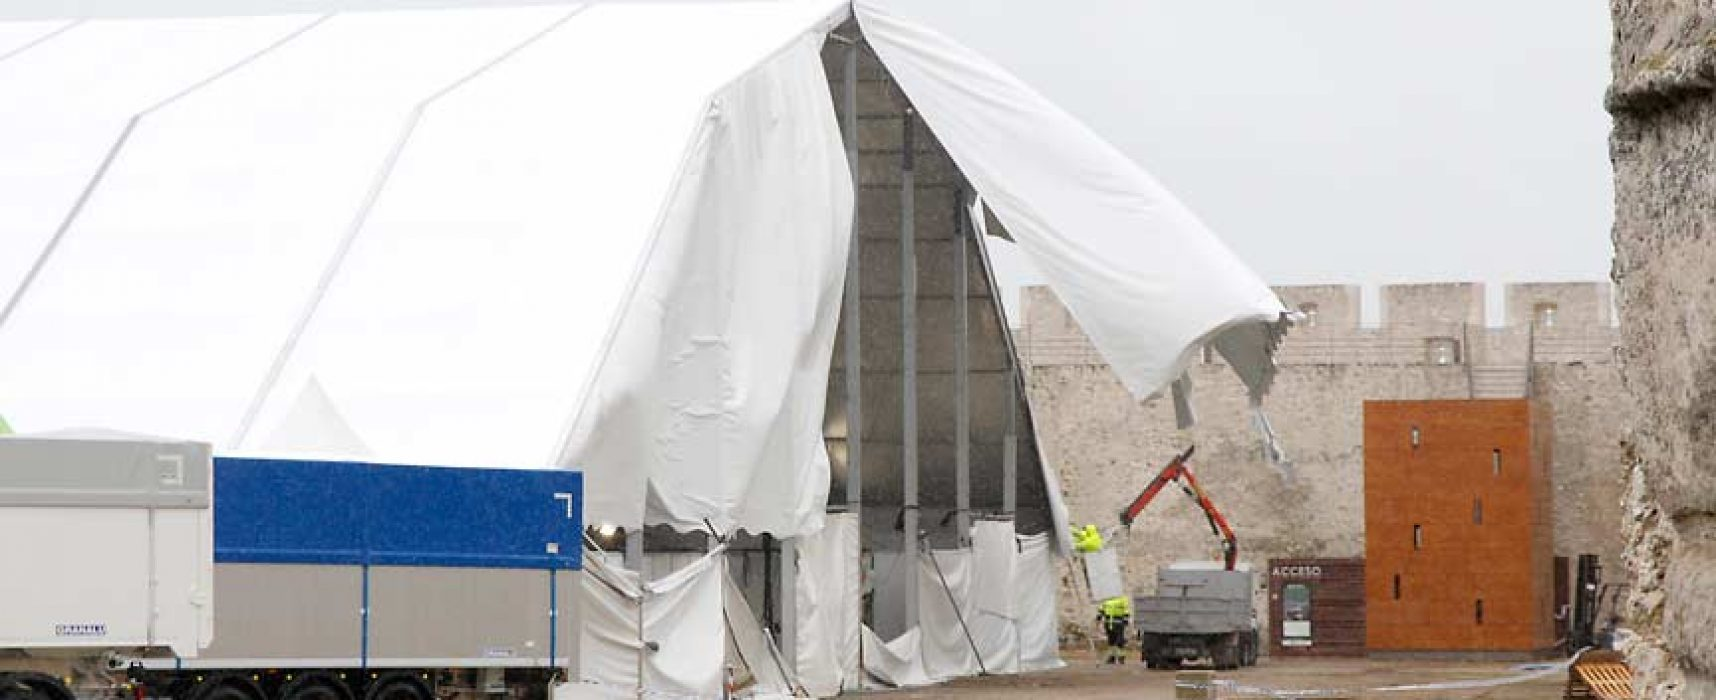 La carpa de la Feria de Cuéllar permanecerá hoy cerrada por la rotura de dos vigas de su estructura por las fuertes rachas de viento